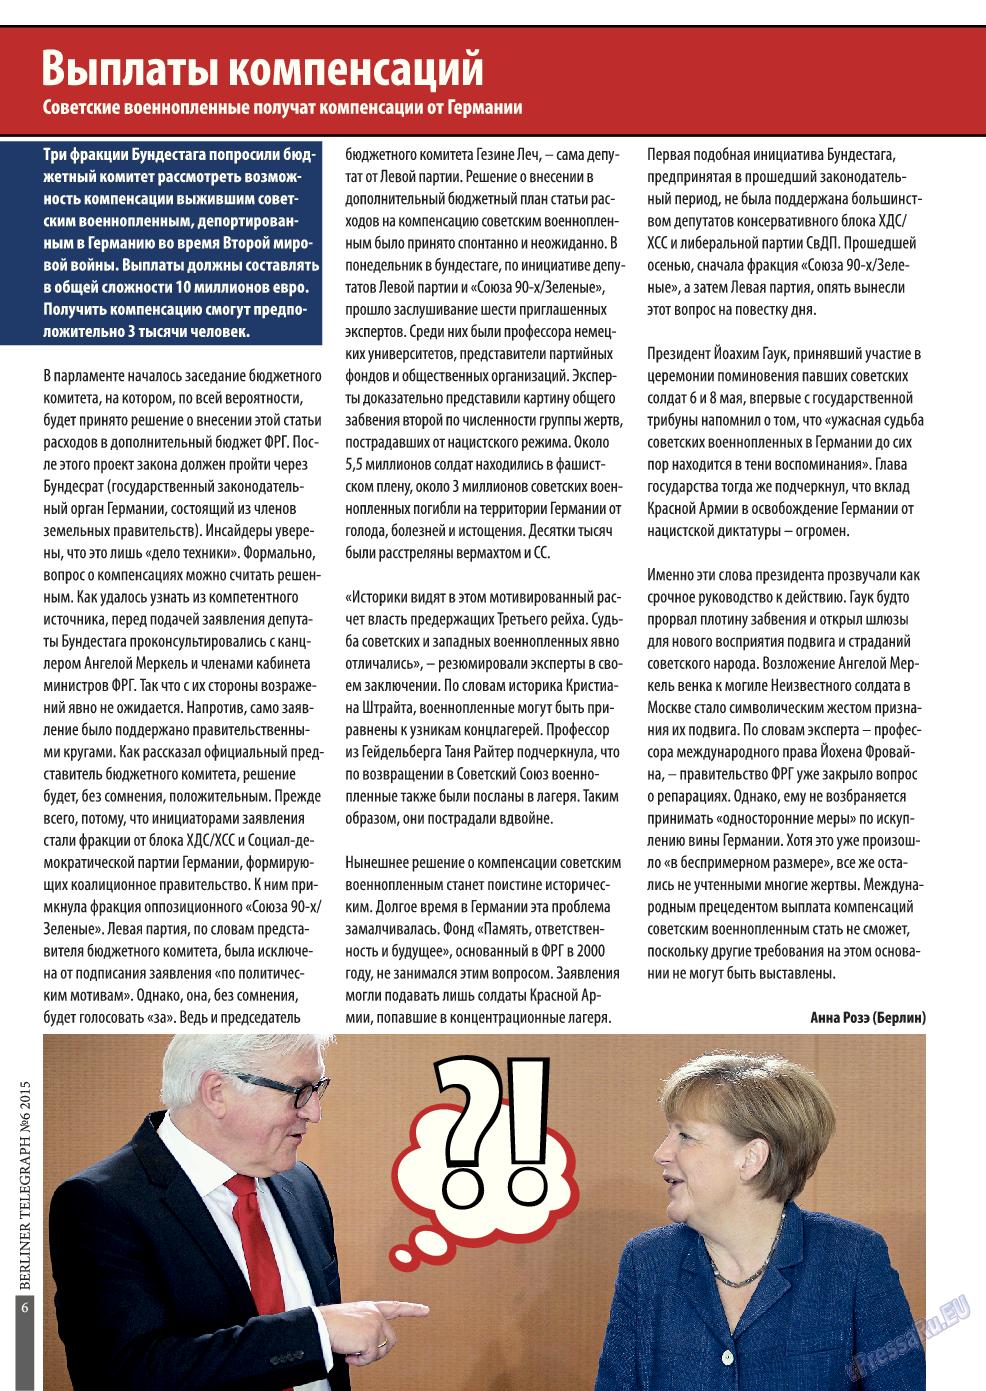 Берлинский телеграф (журнал). 2015 год, номер 6, стр. 6